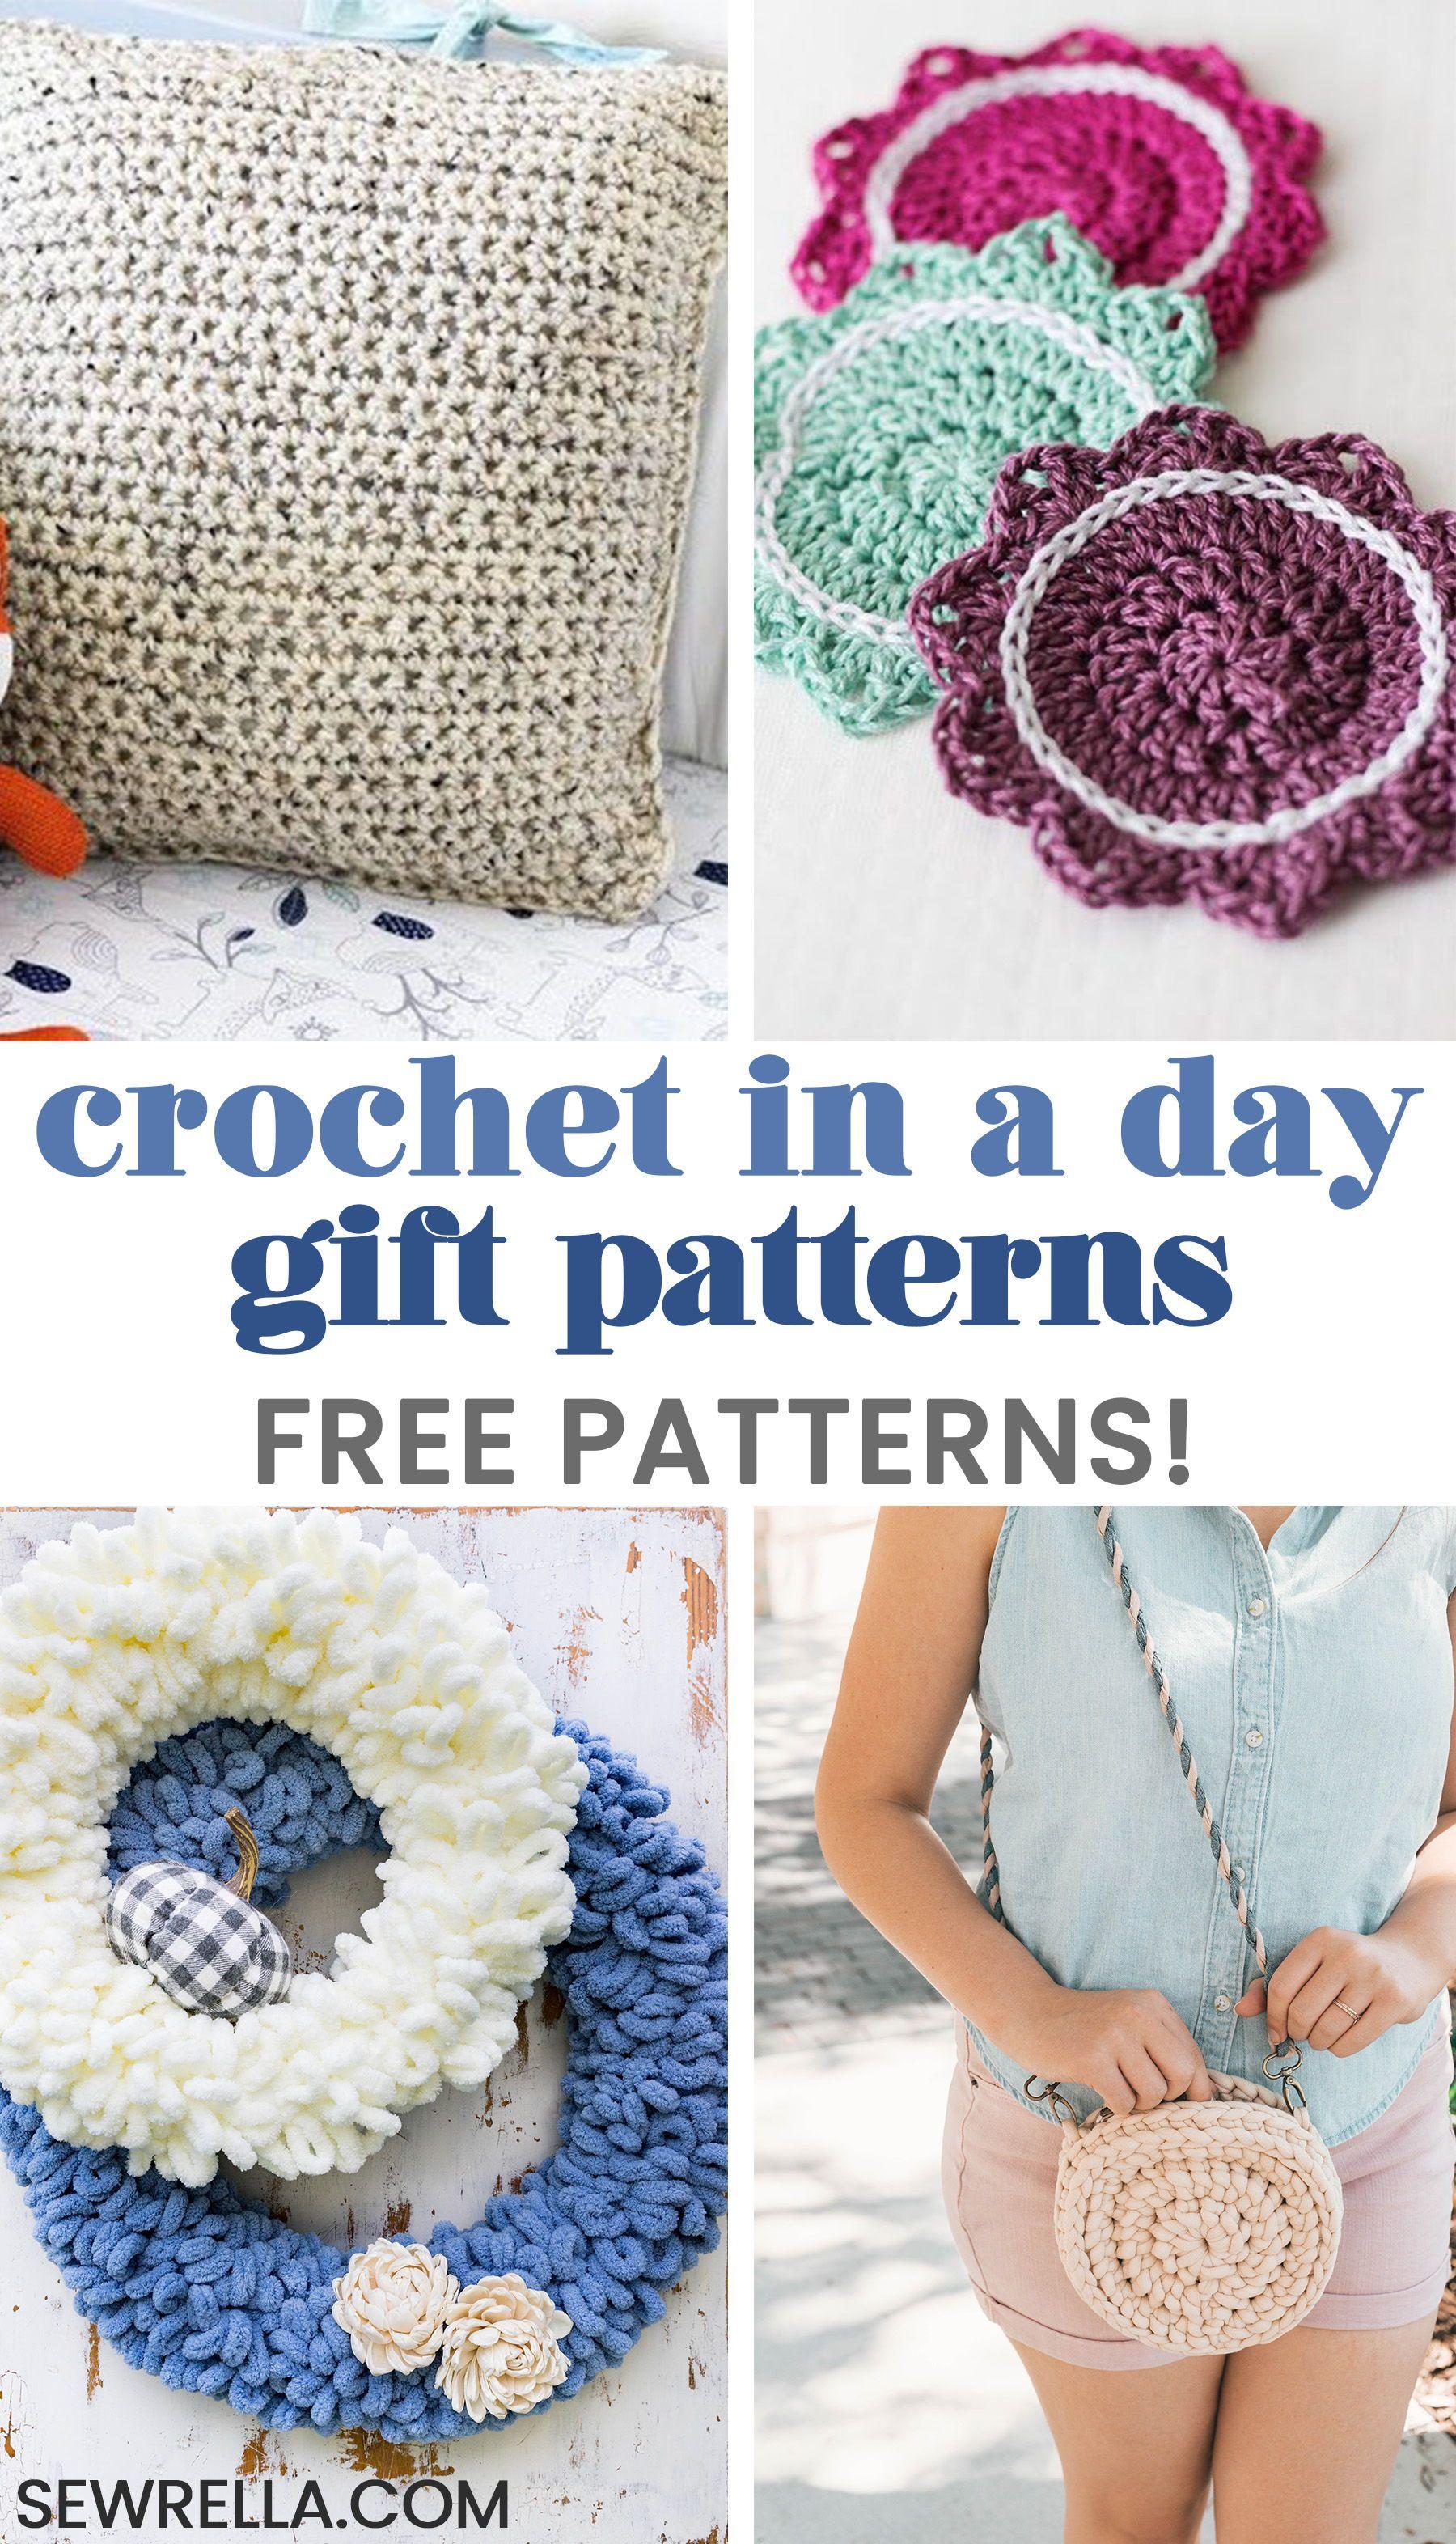 Crochet In a Day Free Gift Patterns | crochet | Pinterest | Crochet ...